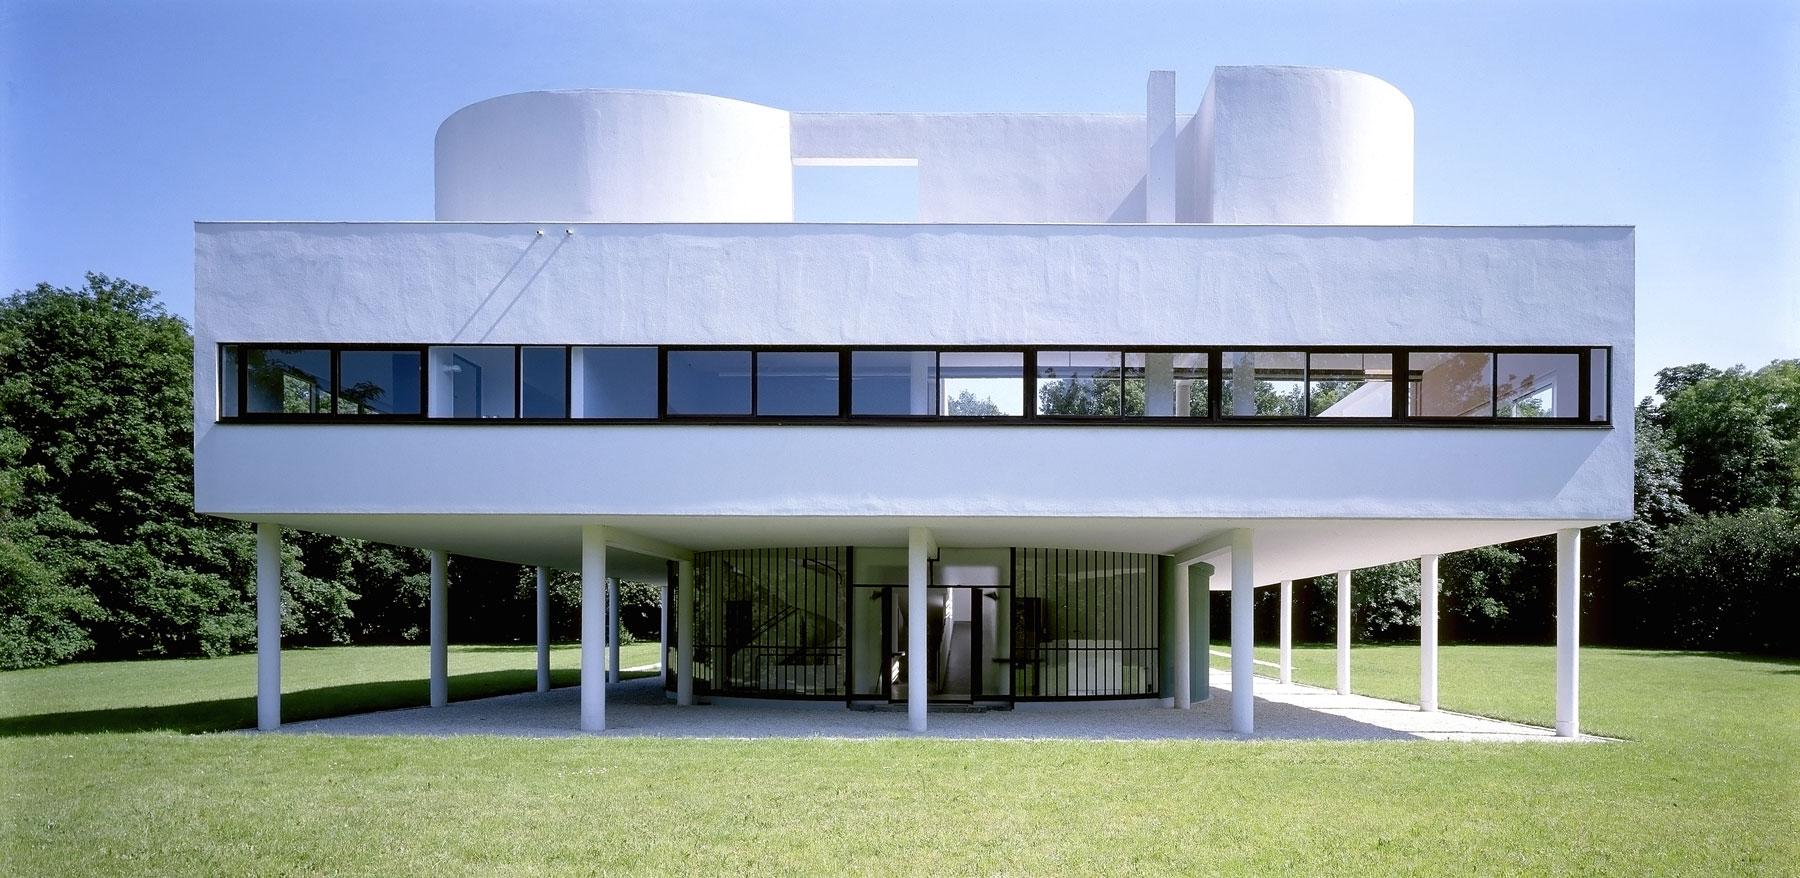 Le corbusier y los cinco puntos de una nueva arquitectura sobrearquitect - Le corbusier design style ...